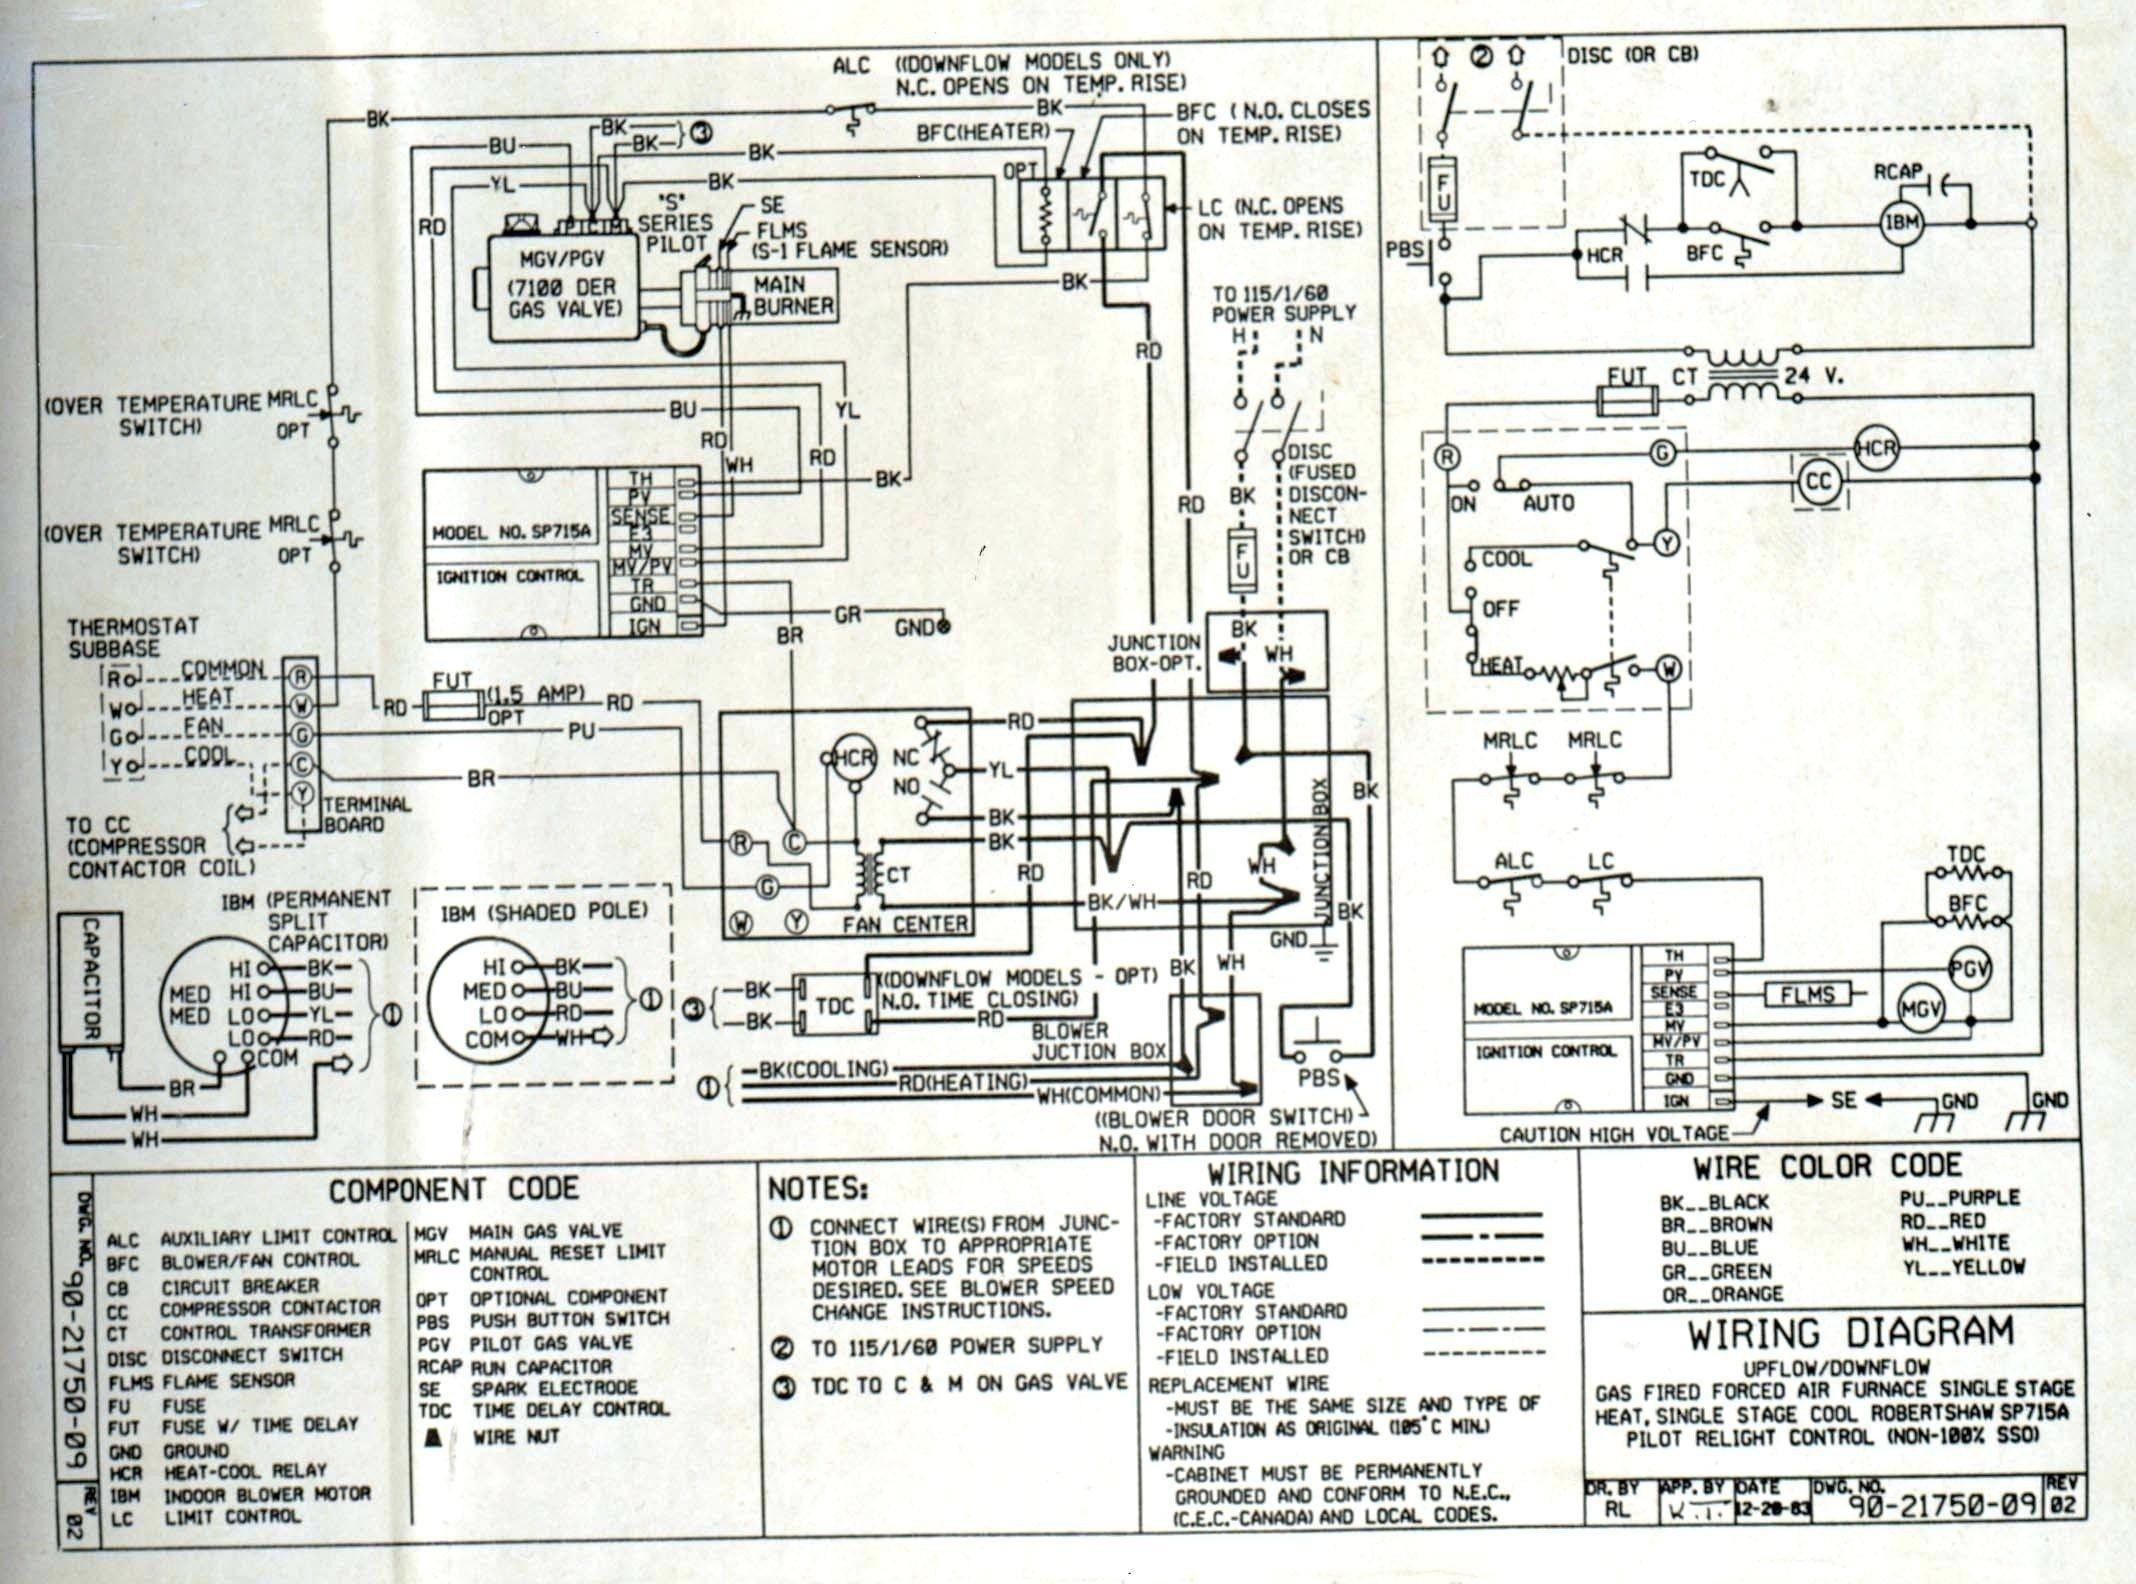 Wiring Diagram for 1986 Club Car 32 Wiring Diagram solar Panel System Of Wiring Diagram for 1986 Club Car